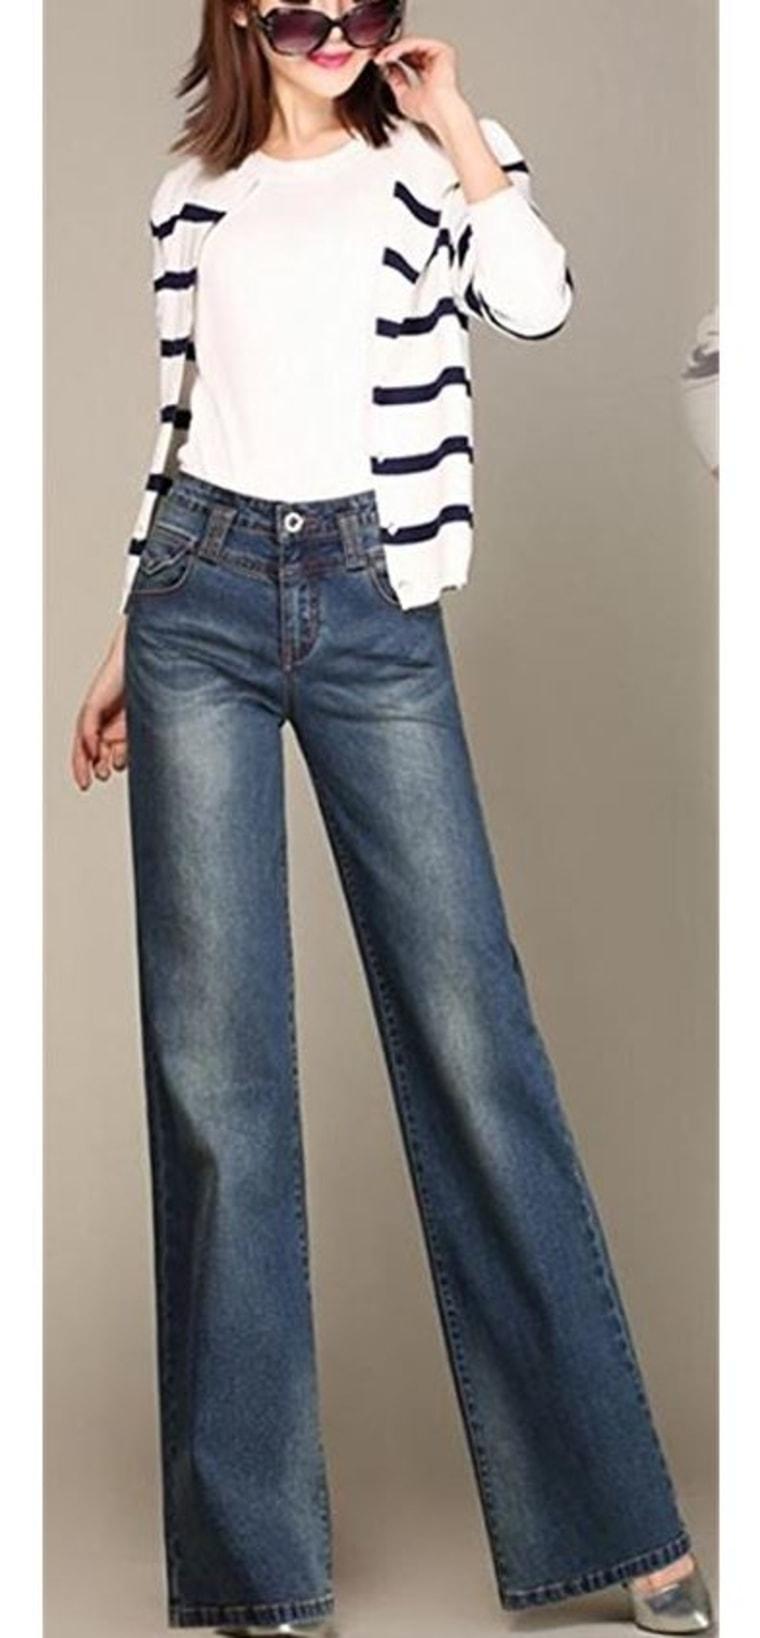 Ace jeans